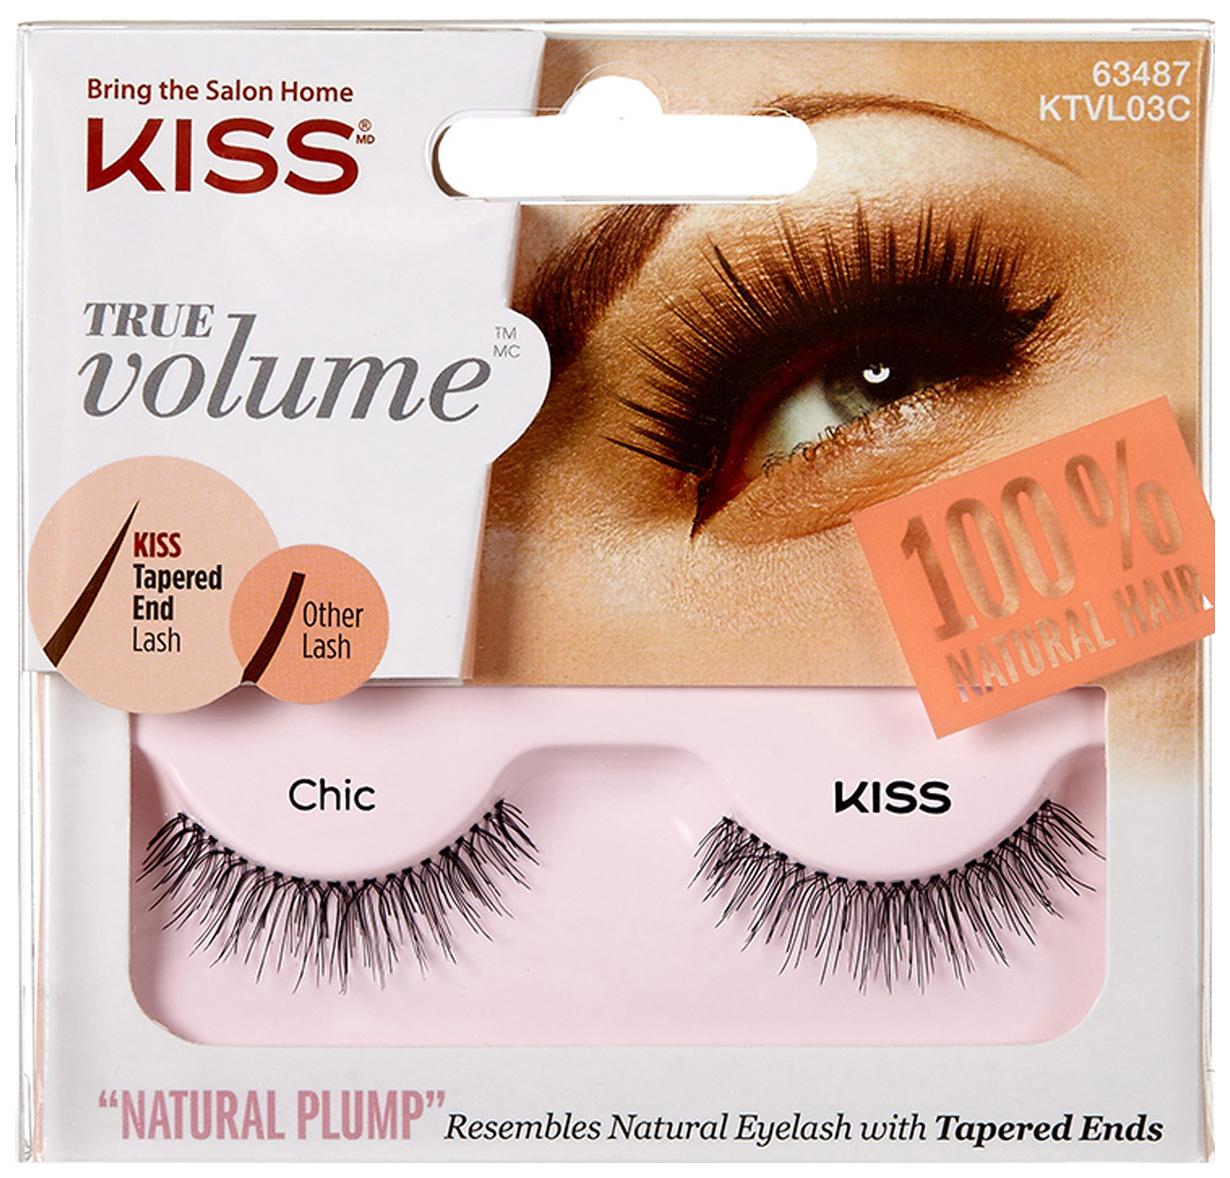 Купить Накладные ресницы KISS True Volume Lash Chic (KTVL03C) 2 шт